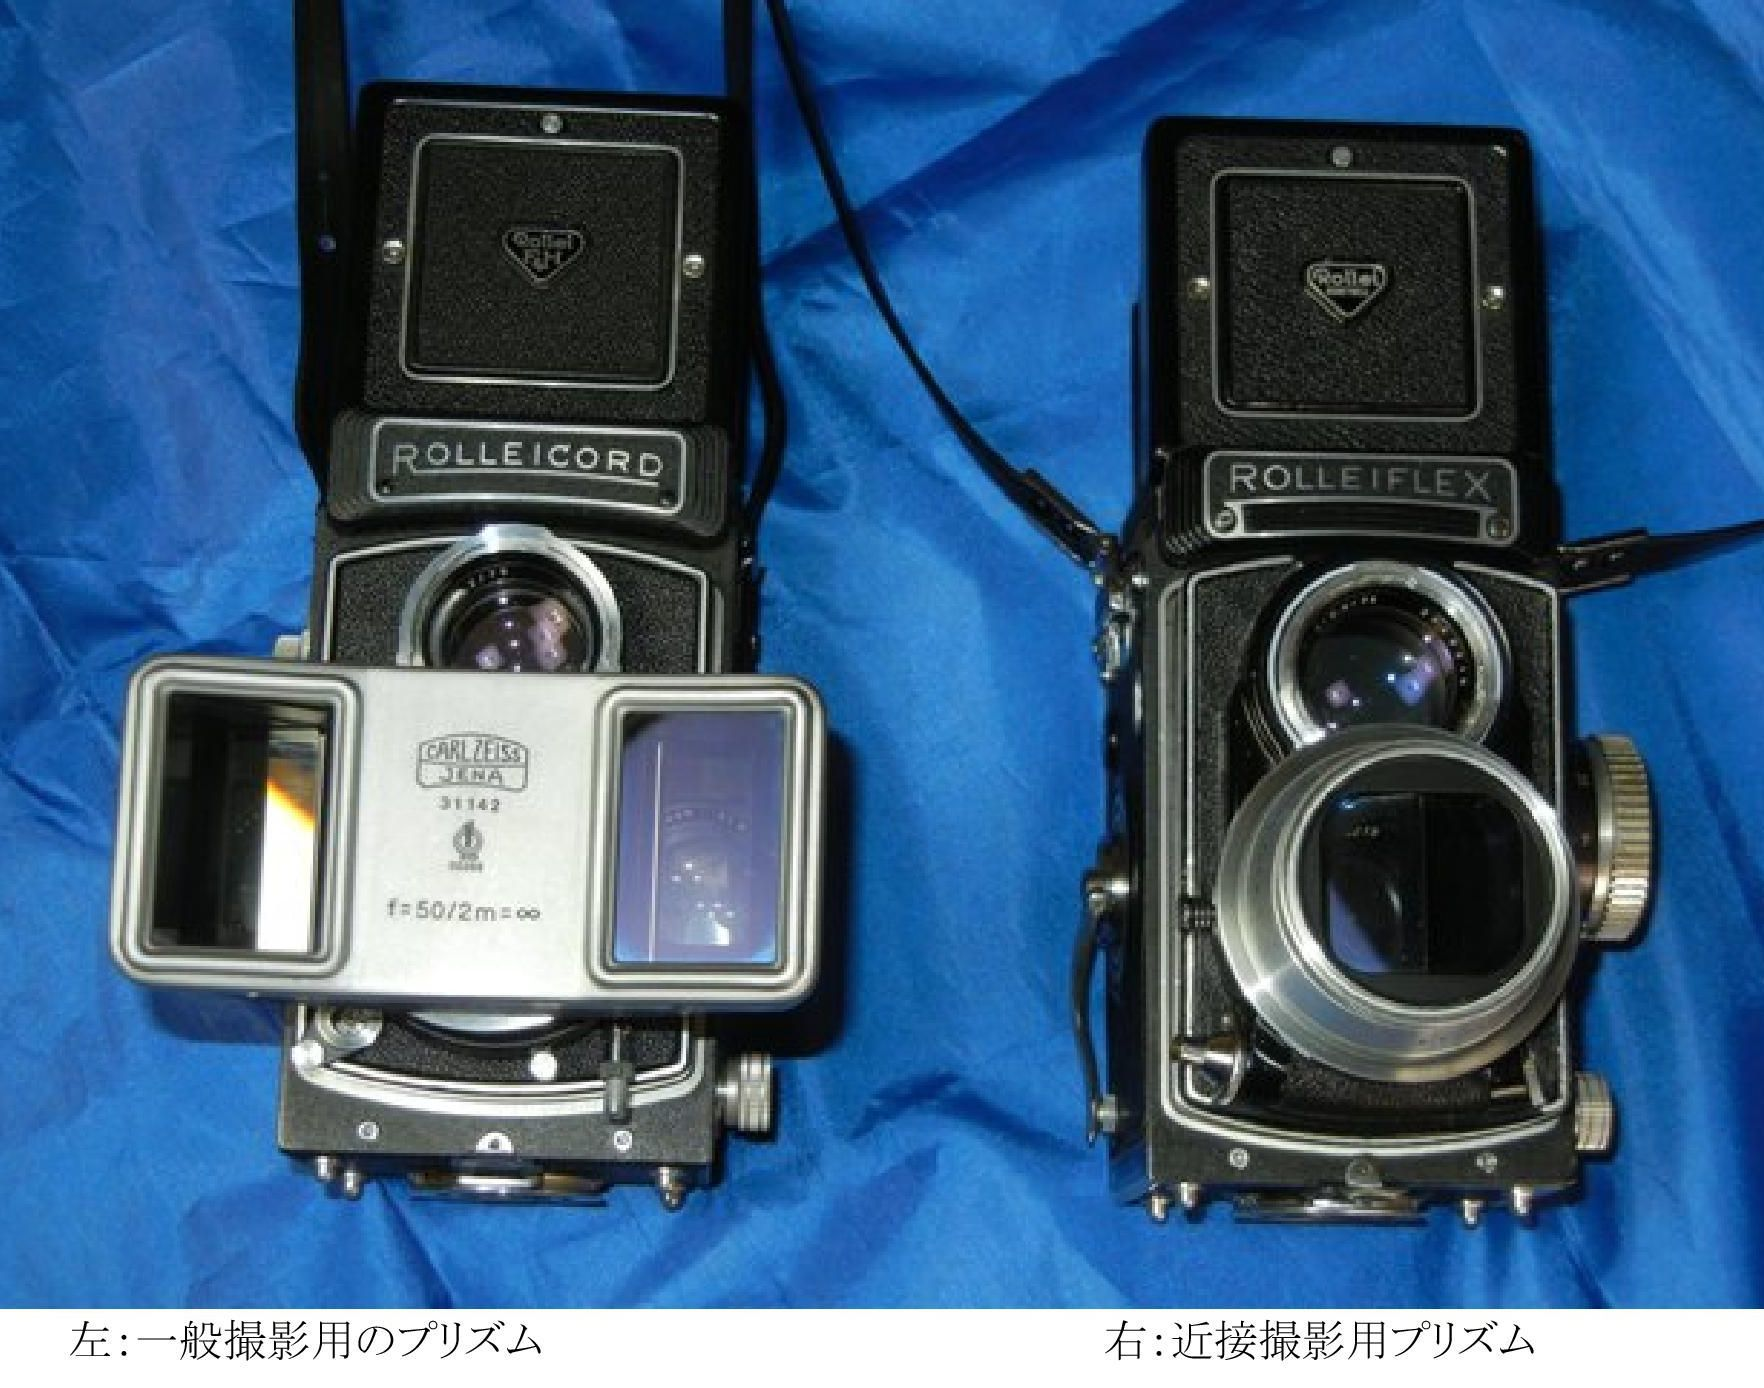 第12回 好きやねん大阪カメラ倶楽部 例会報告_d0138130_11100256.jpg